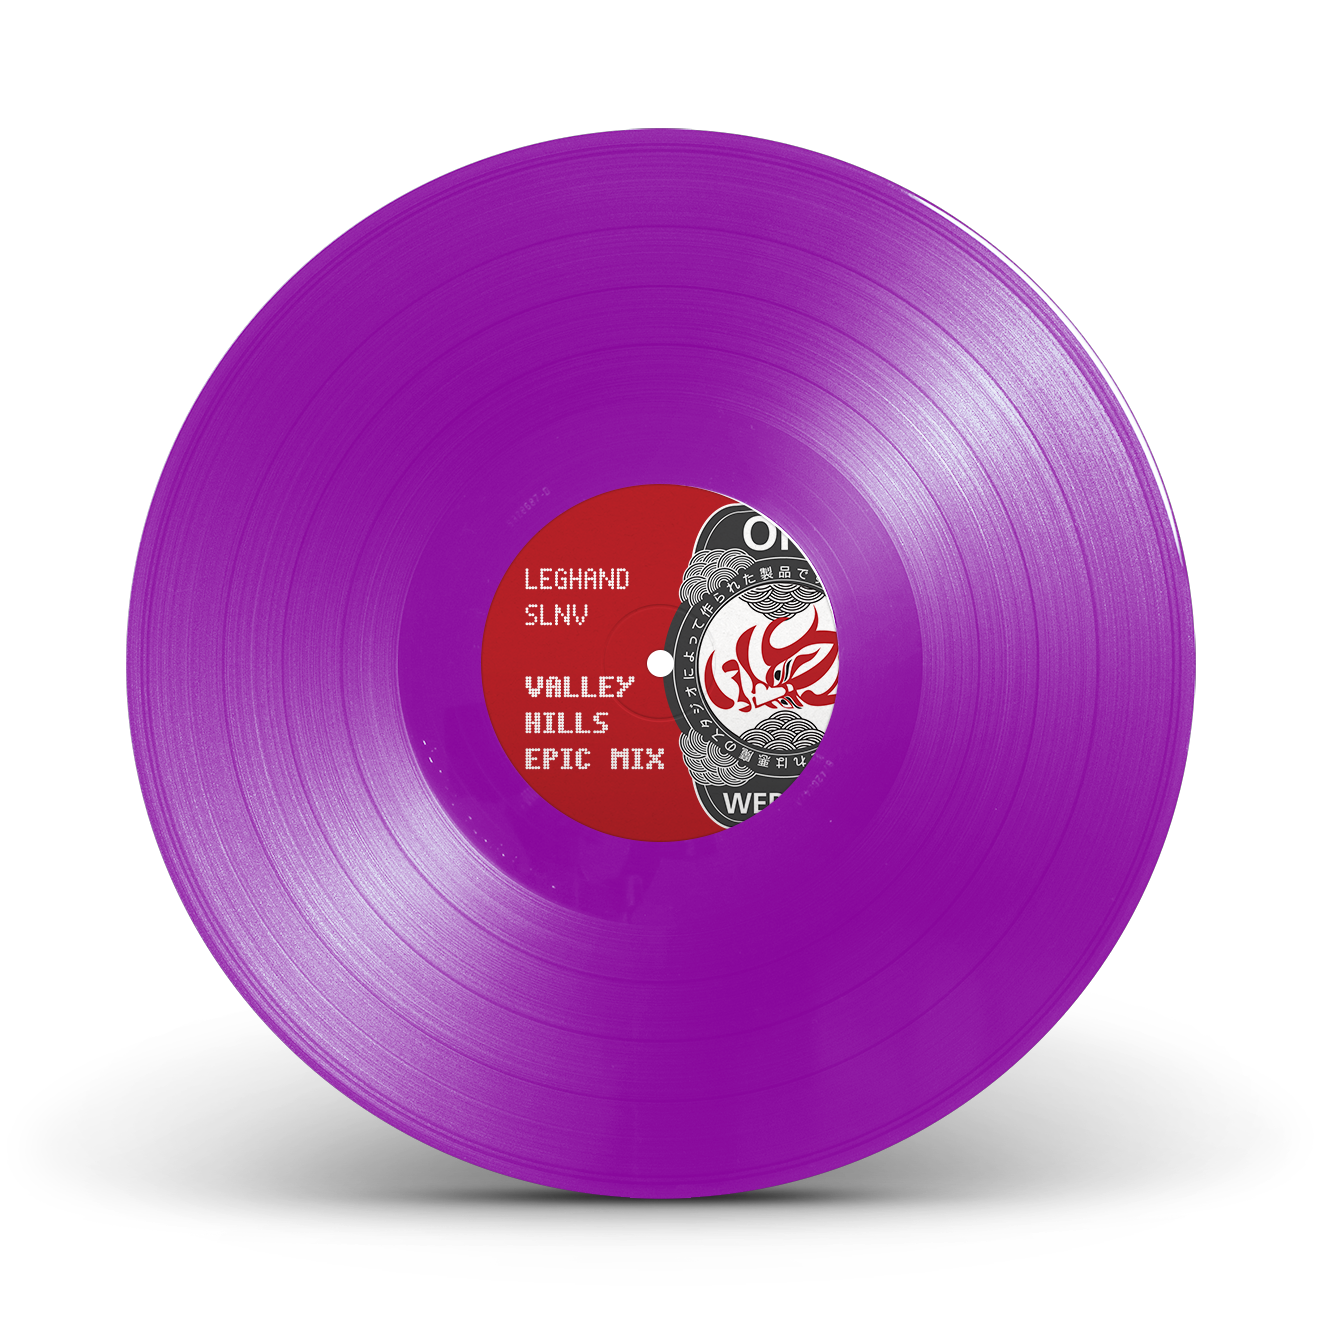 [vinyl record]